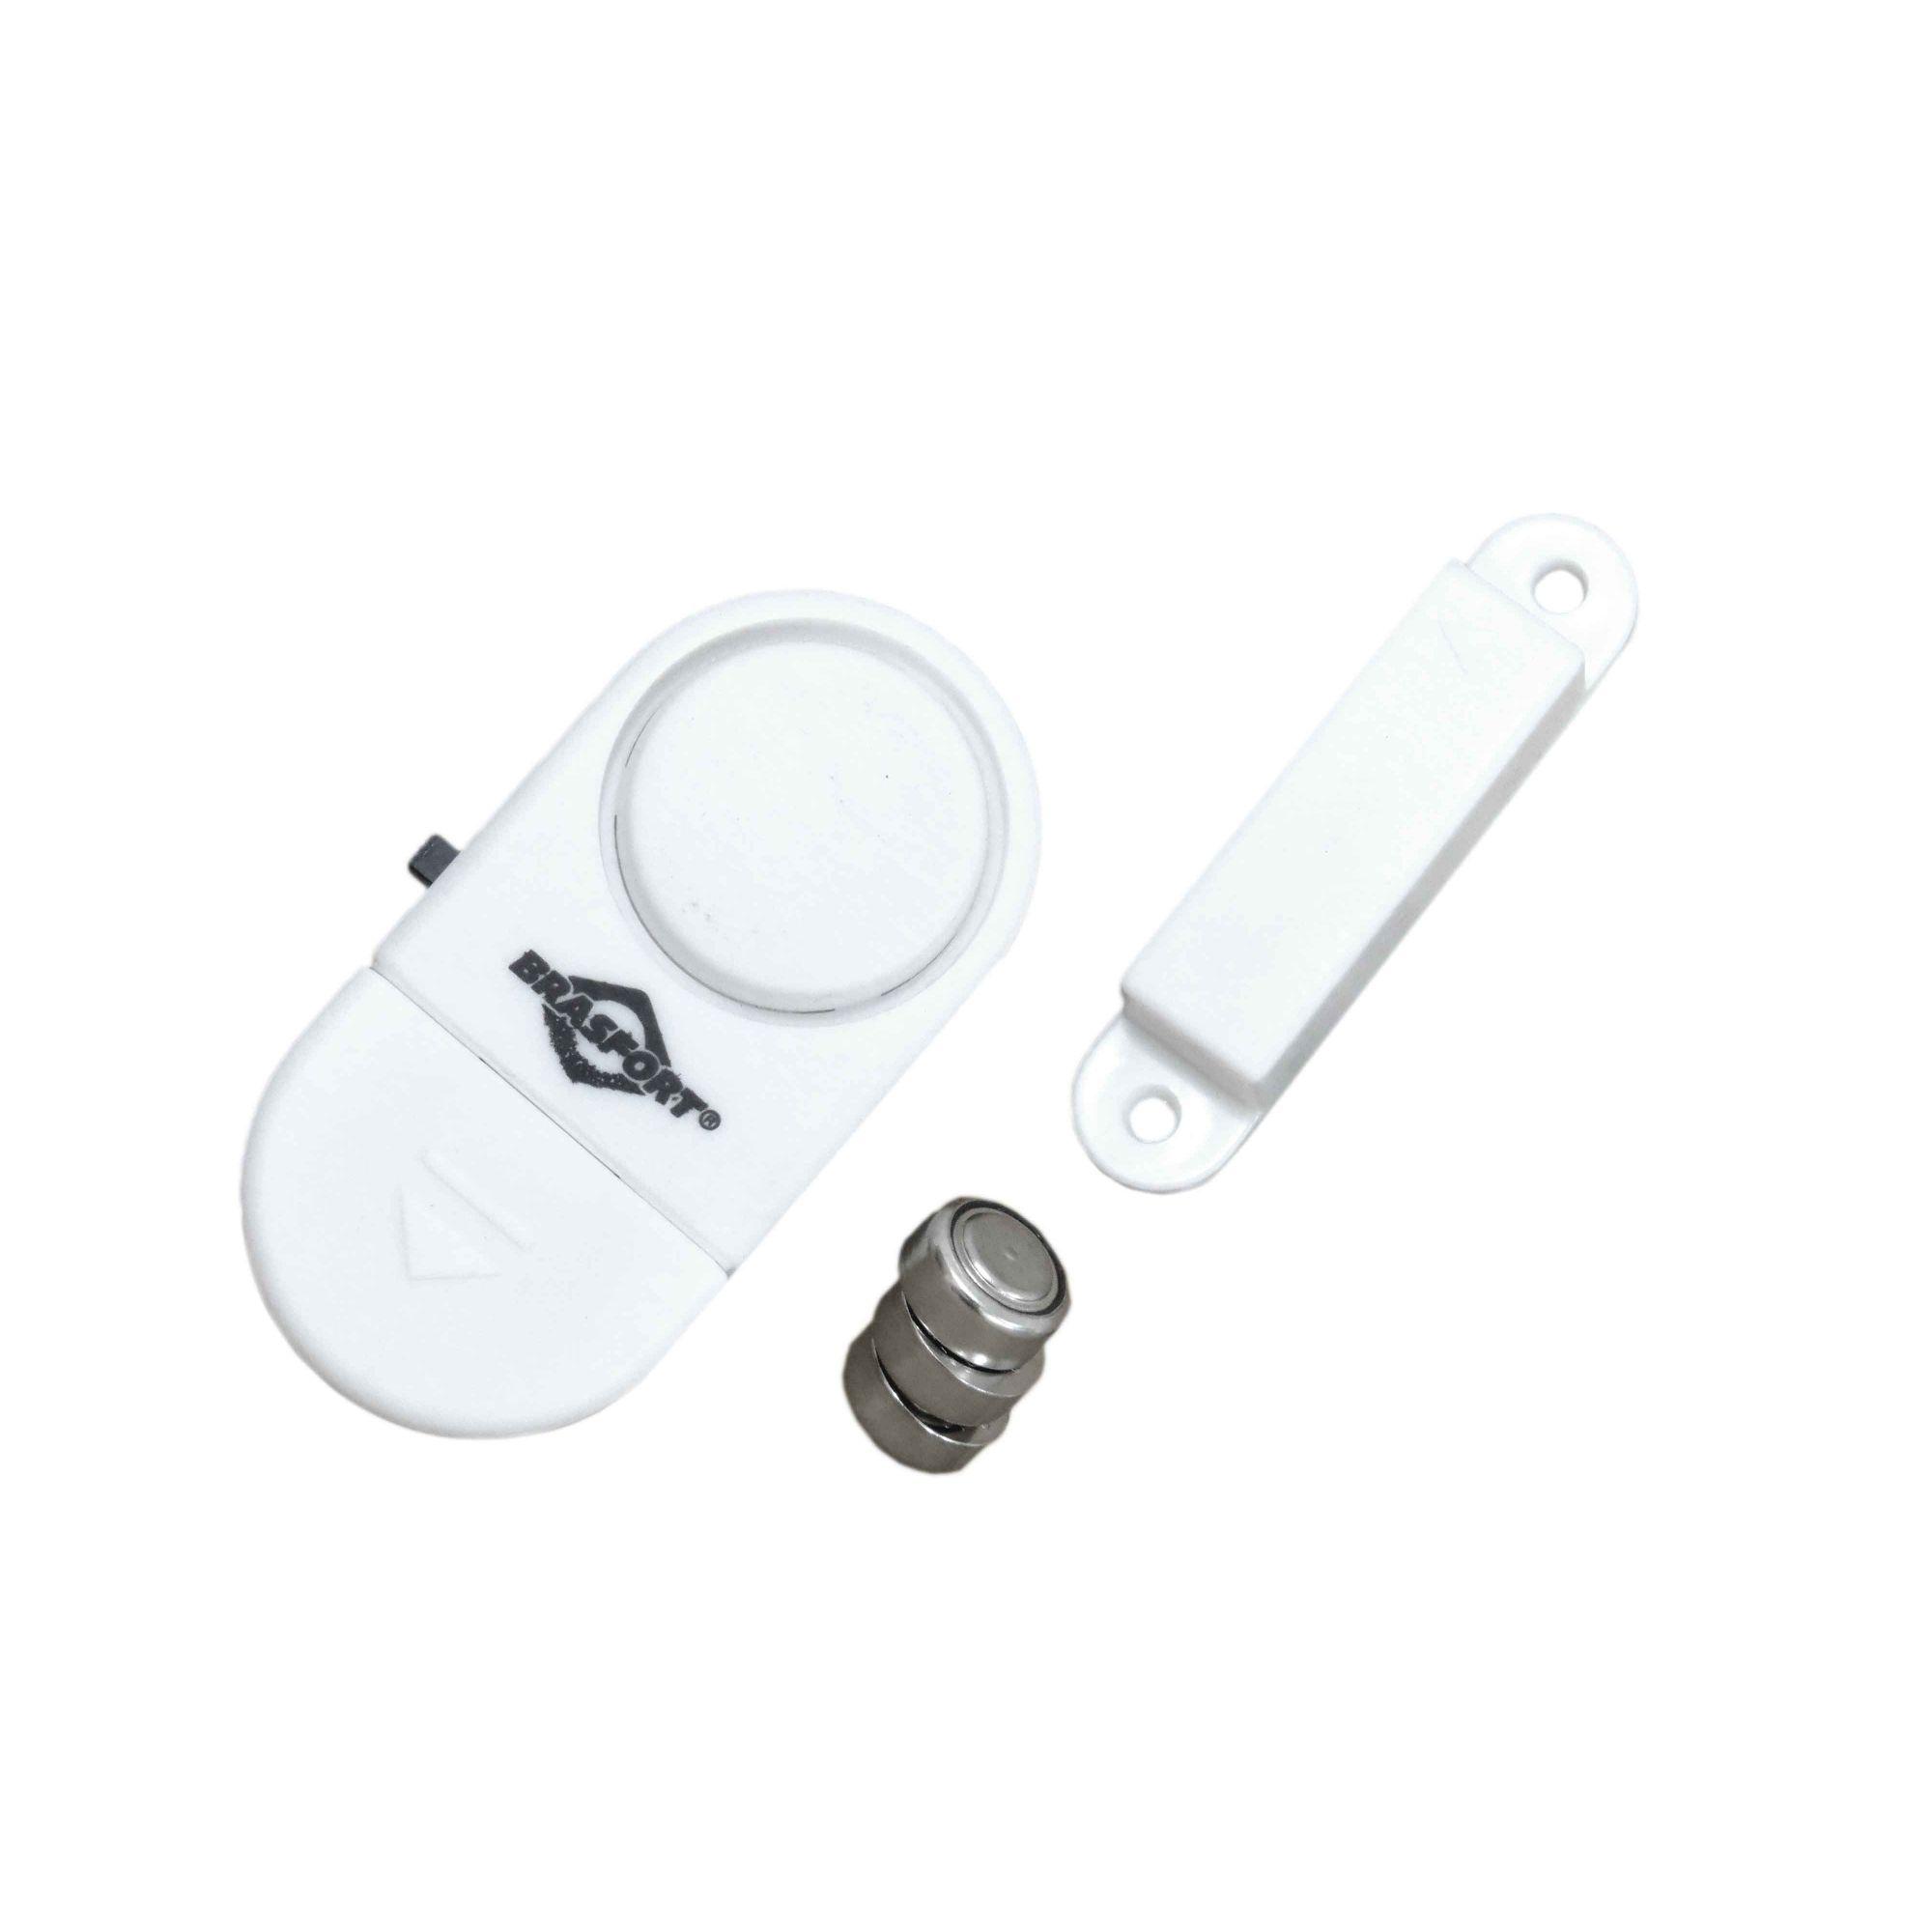 Sensor Magnético Alarme S/ Fio Para Janela E Porta Antifurto